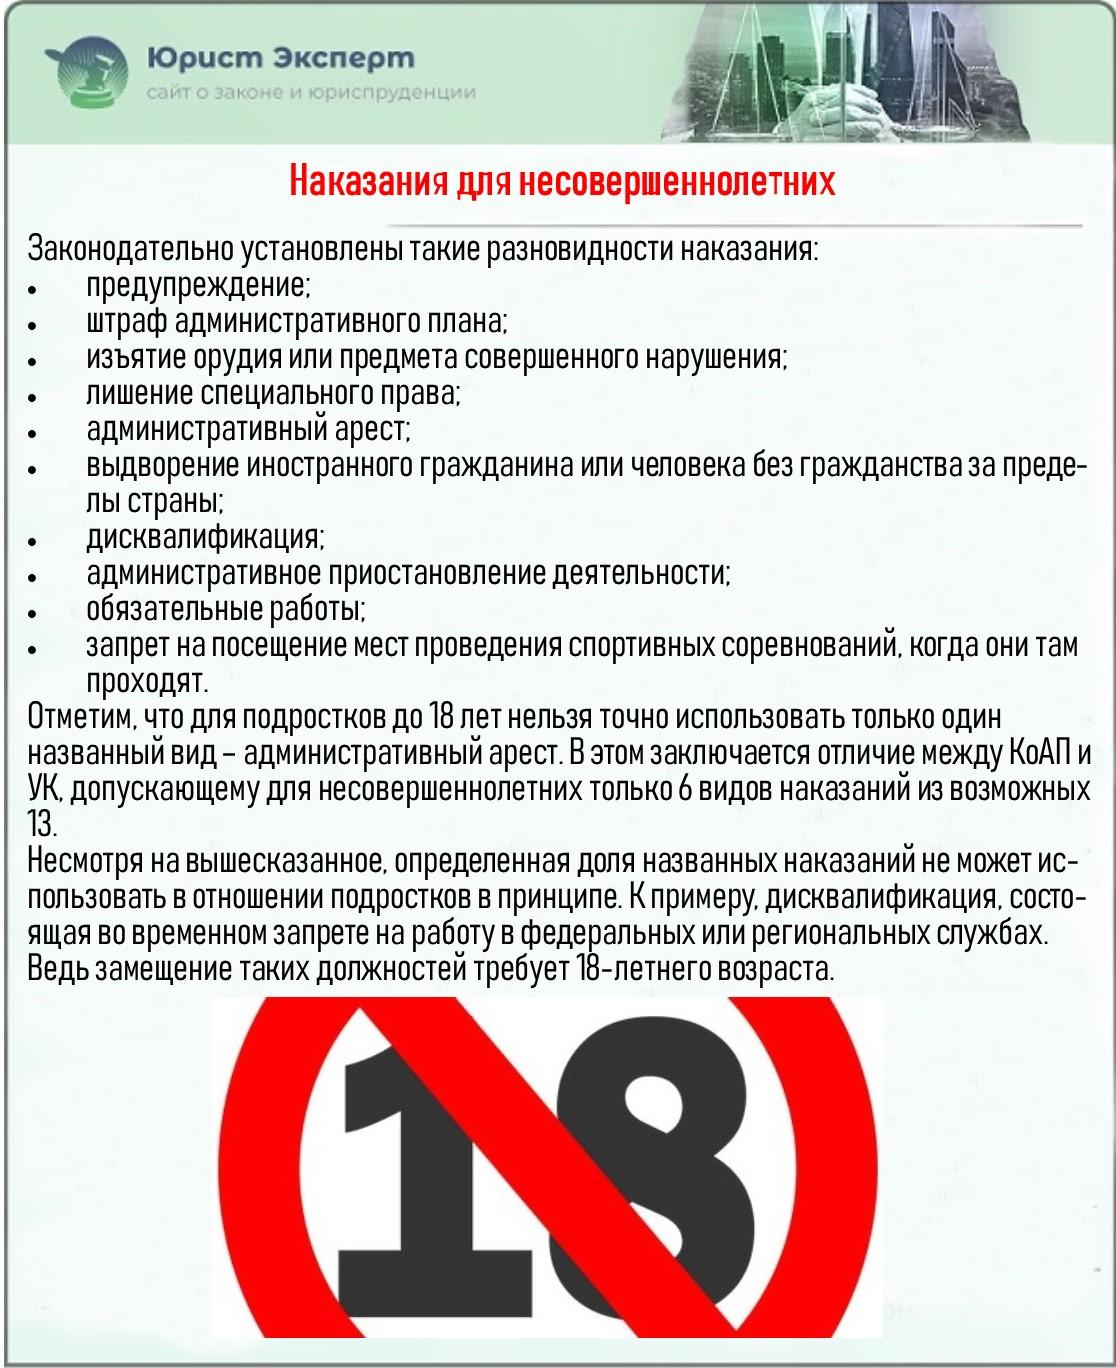 Наказания для несовершеннолетних